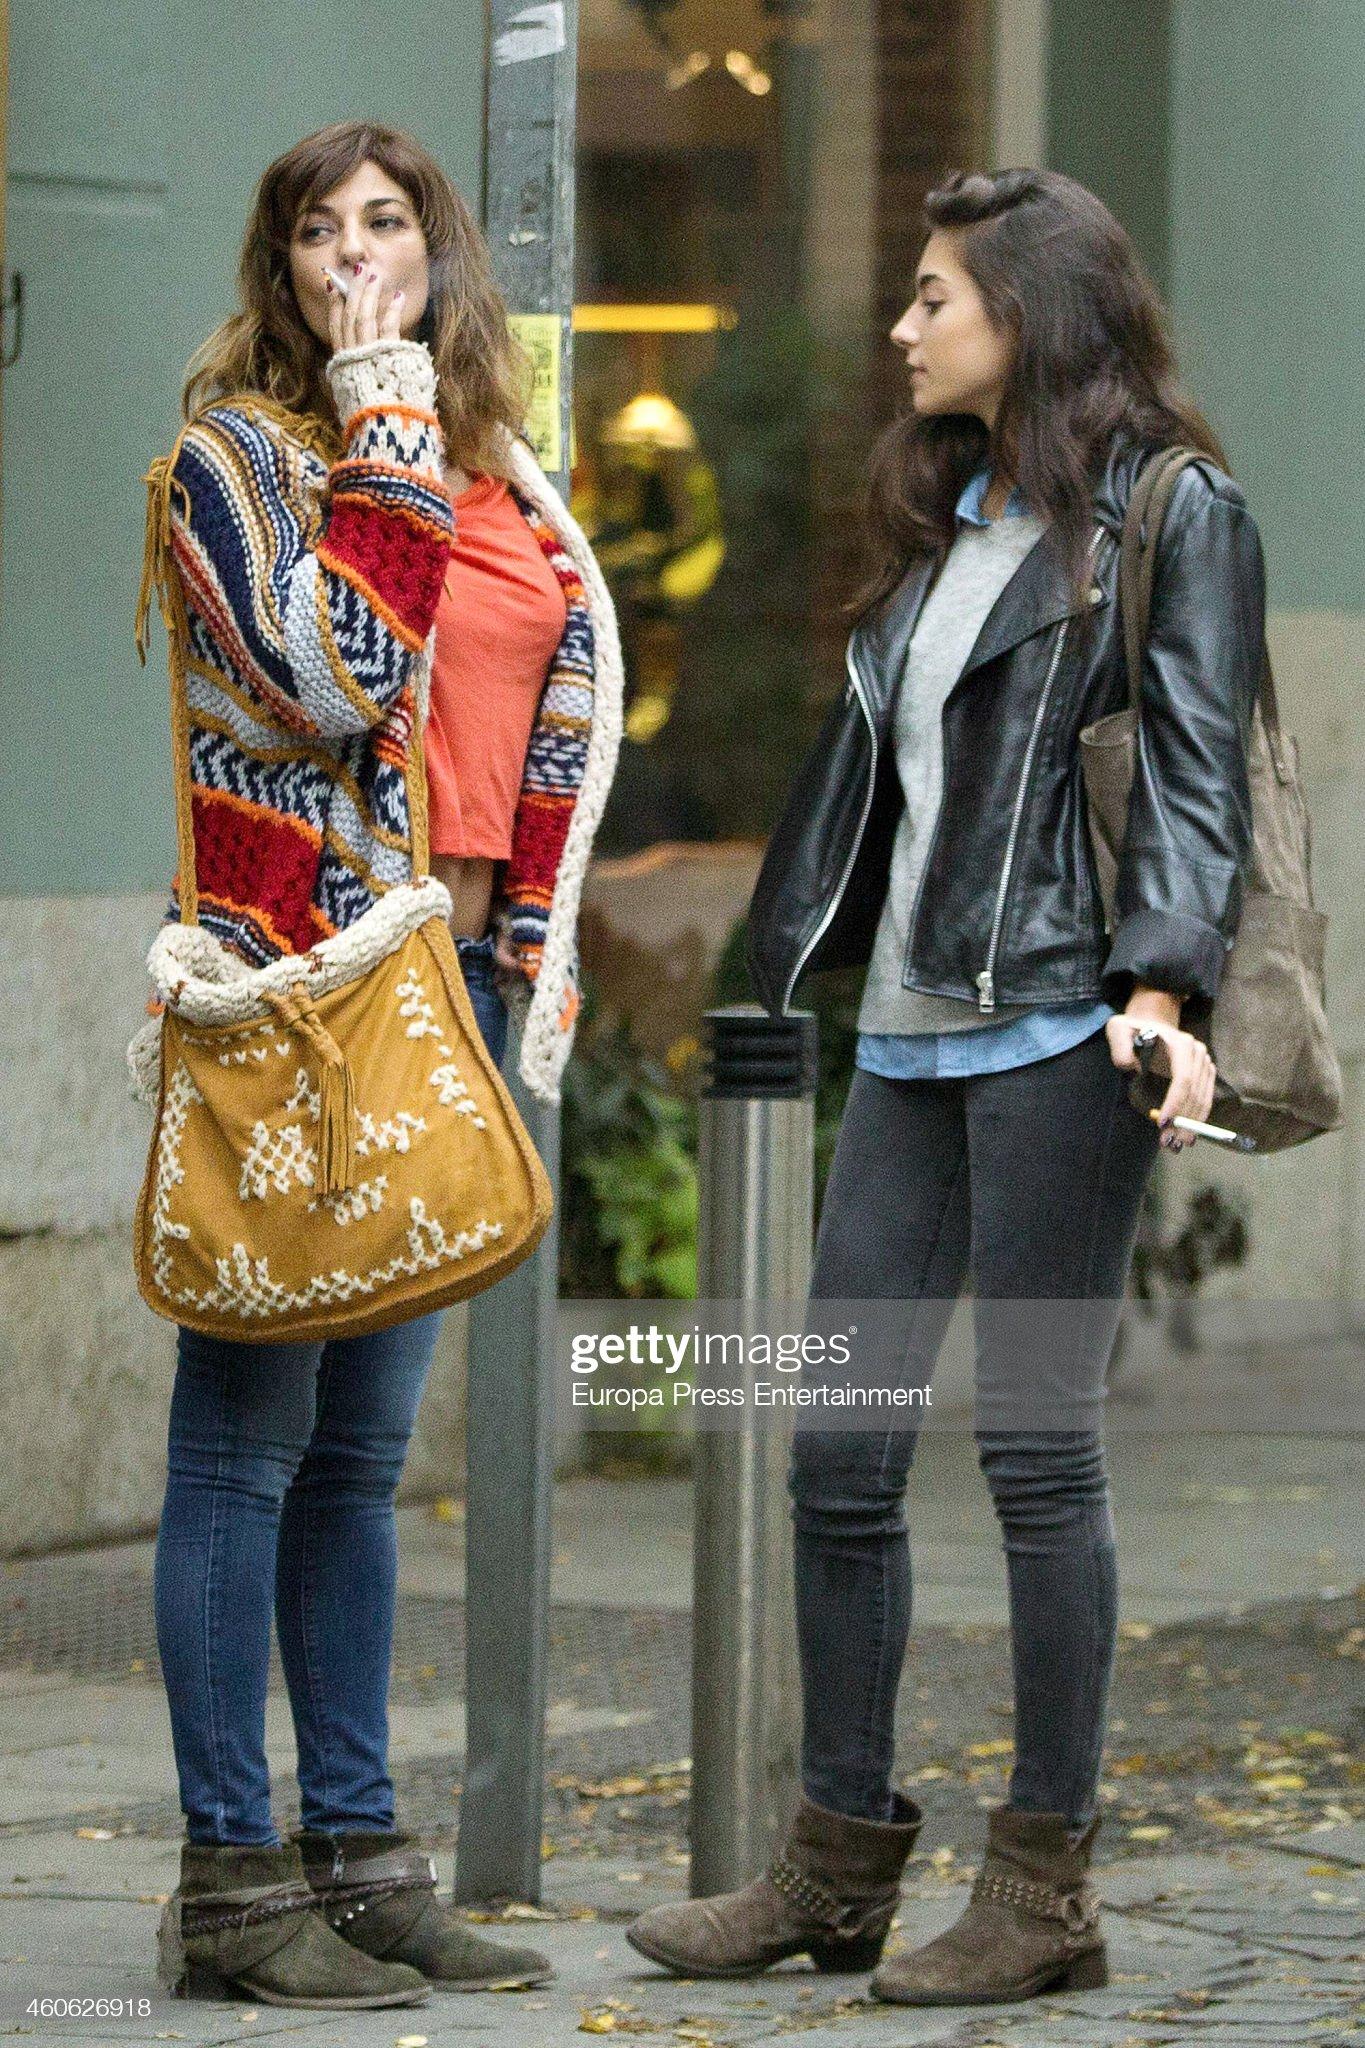 ¿Cuánto mide Mariló Montero? - Altura Tv-presenter-marilo-montero-and-her-daughter-rocio-herrera-are-seen-picture-id460626918?s=2048x2048